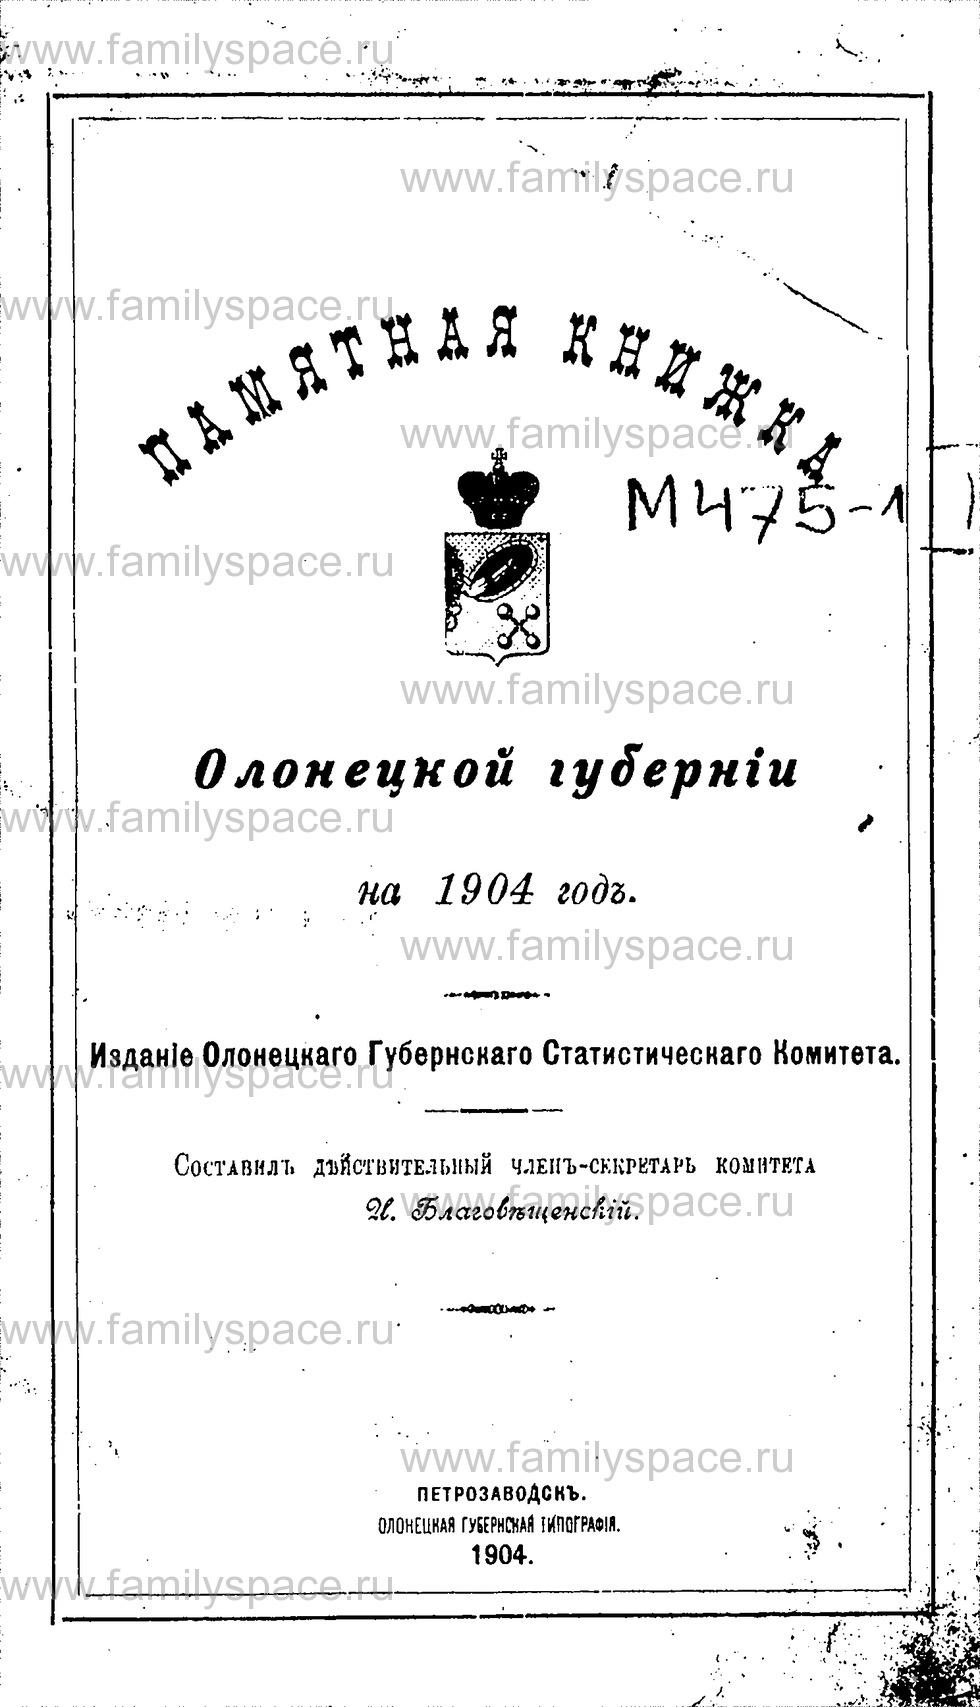 Поиск по фамилии - Памятная книжка Олонецкой губернии на 1904 г, страница 1